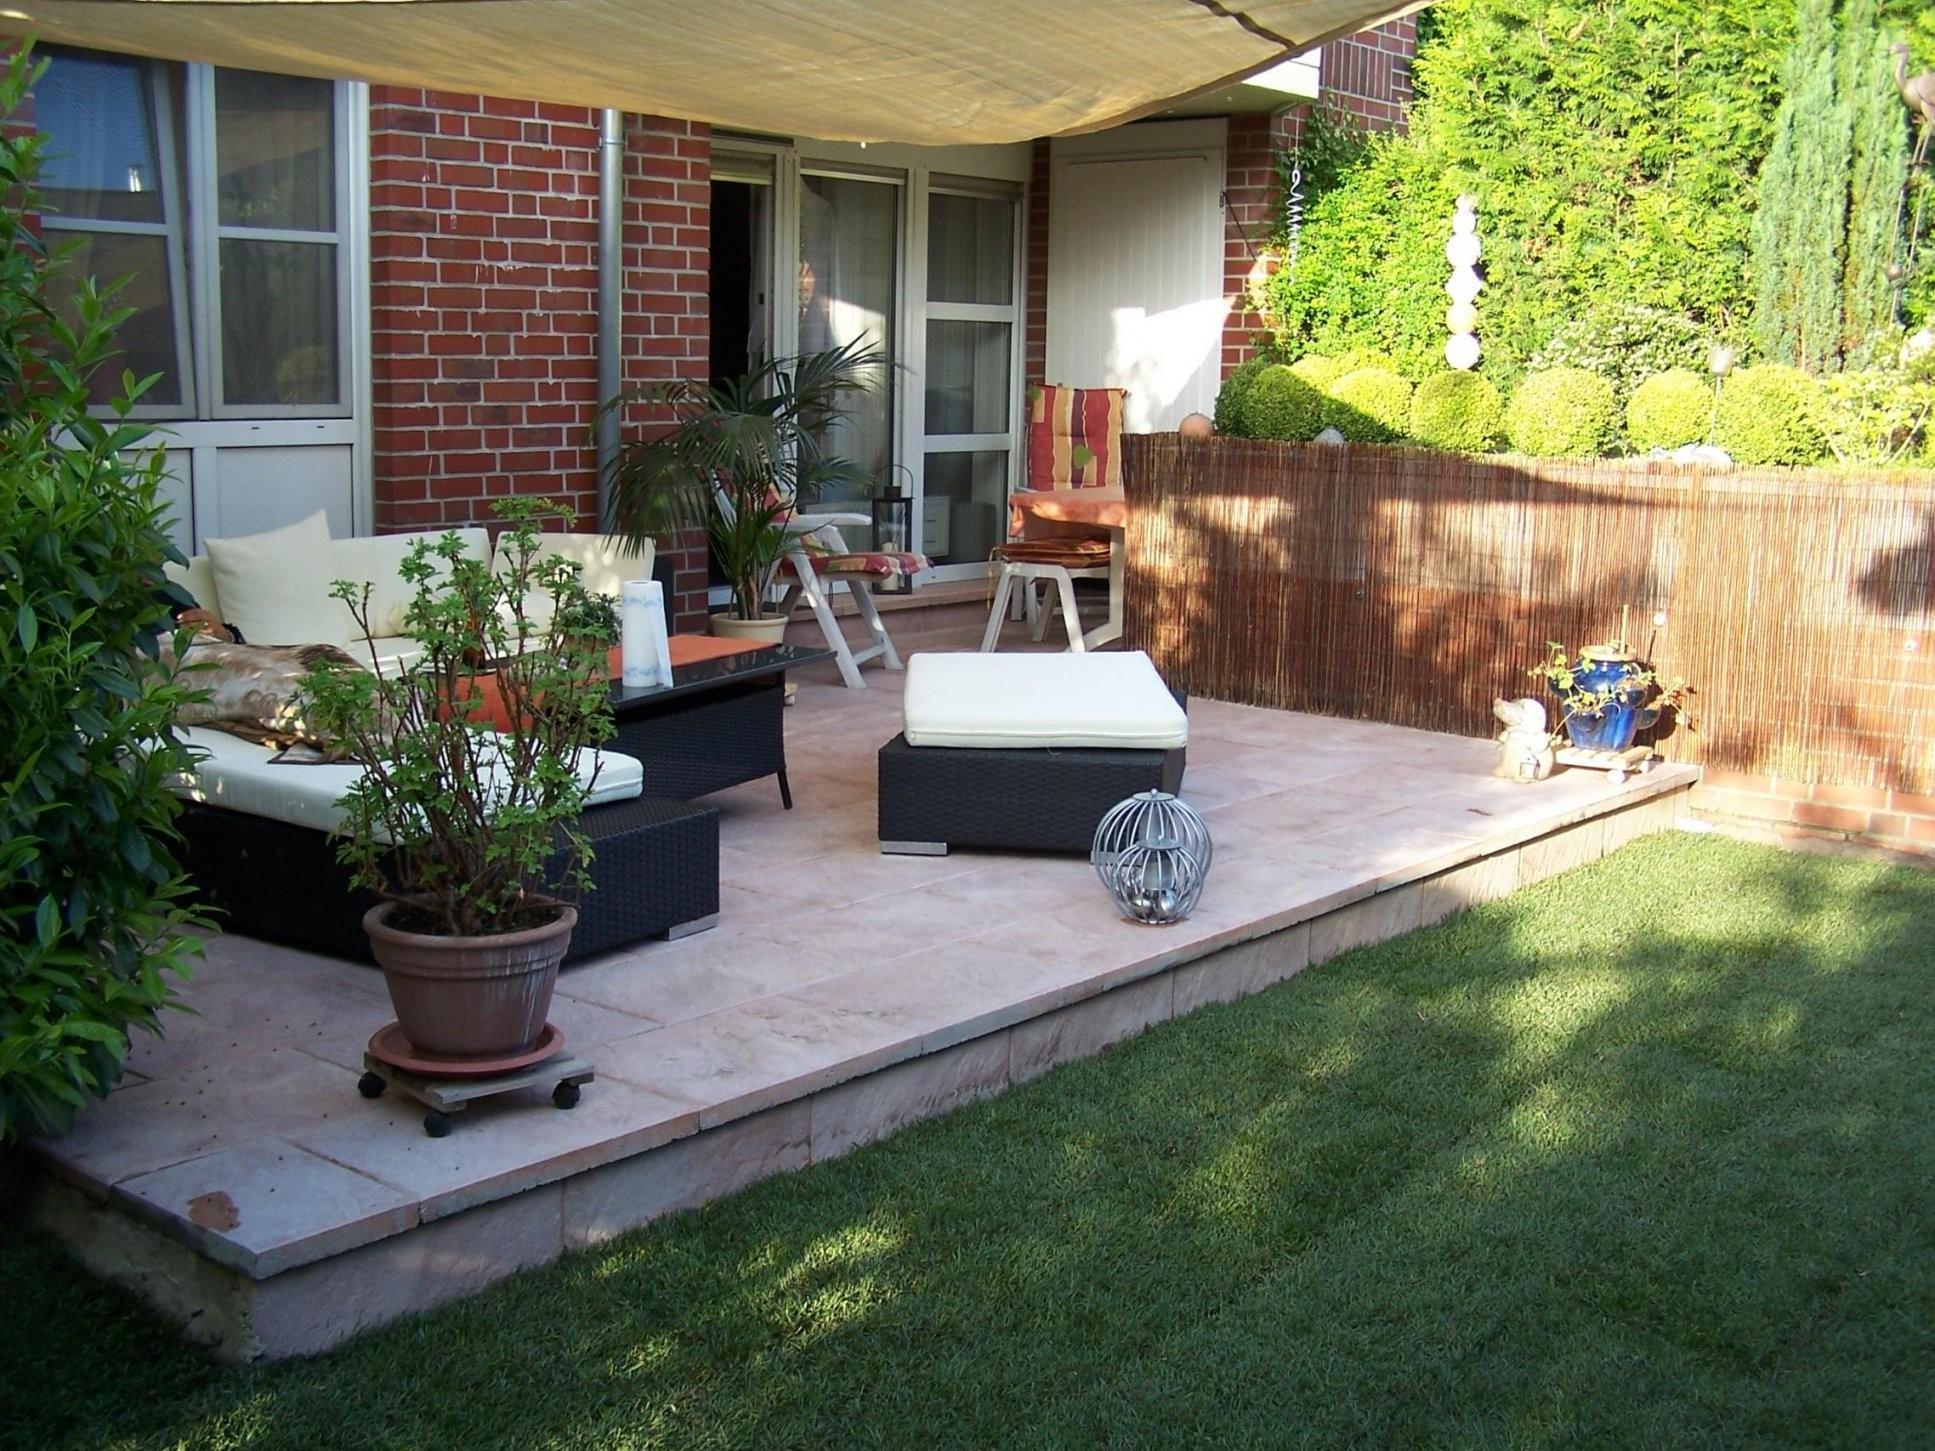 Überdachte Terrasse Selber Bauen – Wohndesign von Überdachte Terrasse Selber Bauen Bild